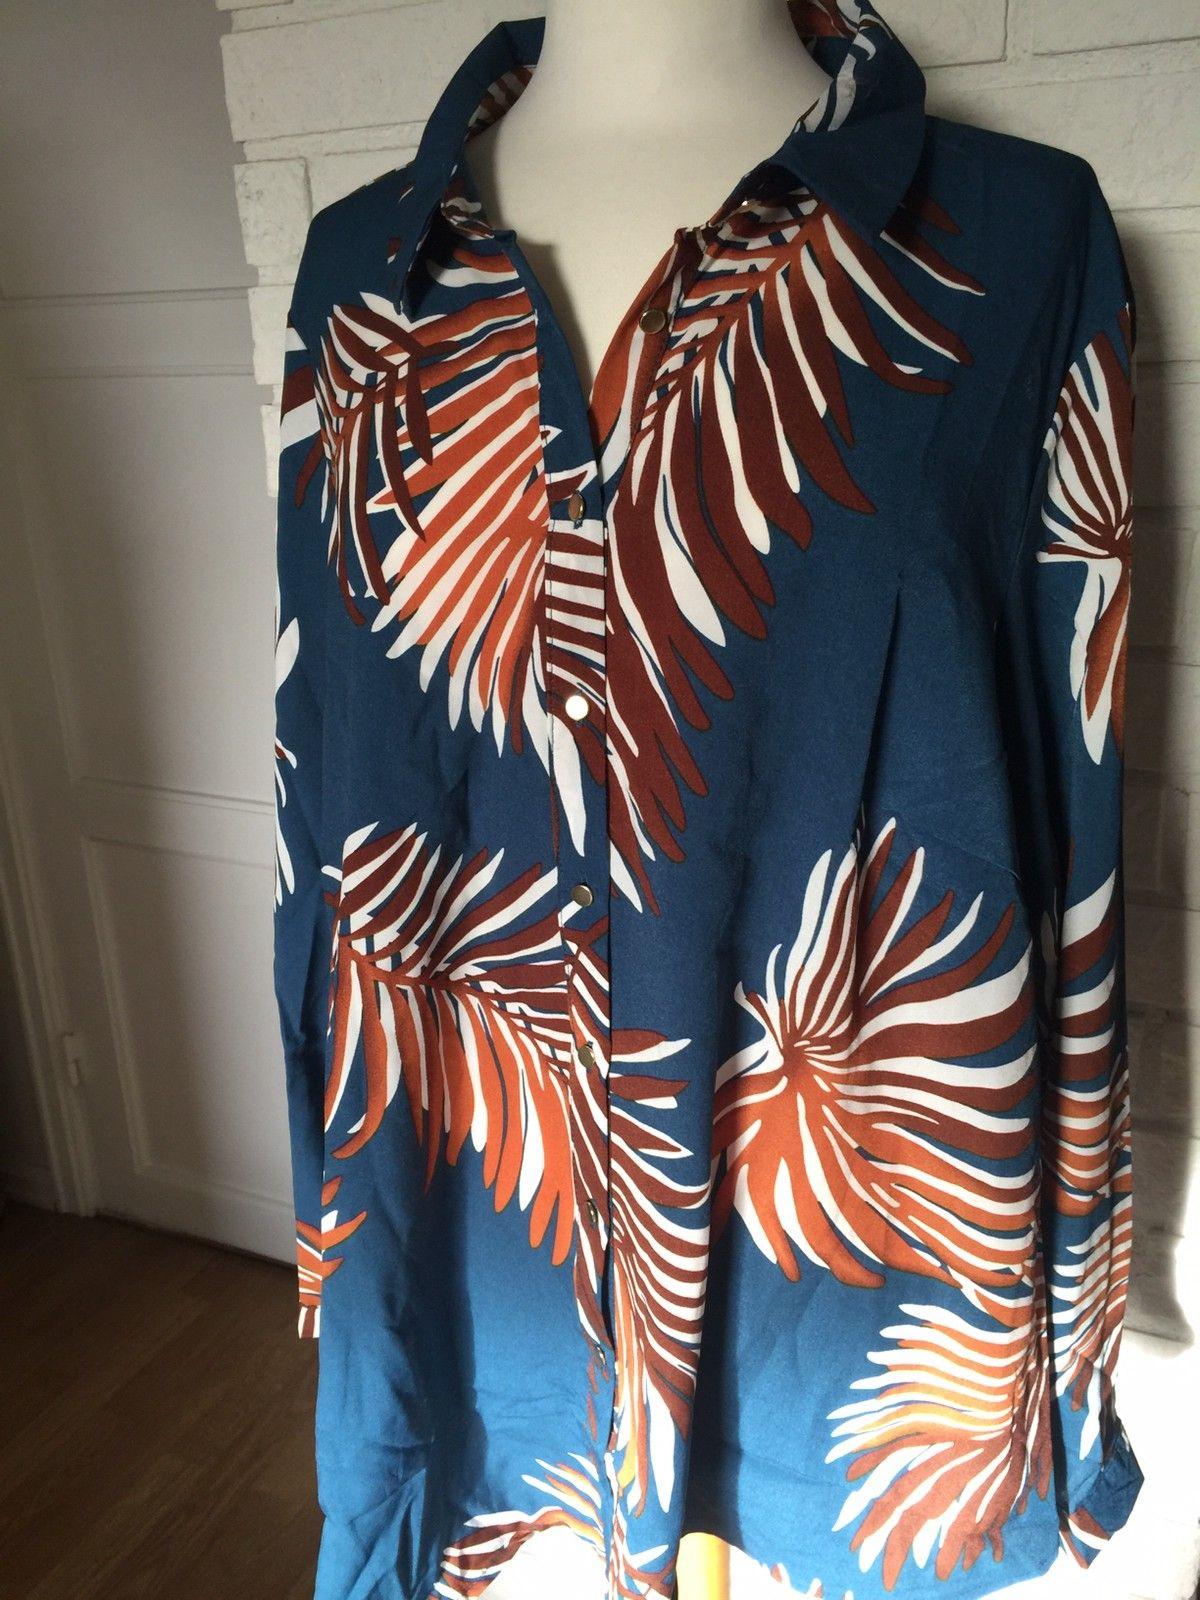 55c98b94 Masse fine Zizzi klær selges billig   FINN.no